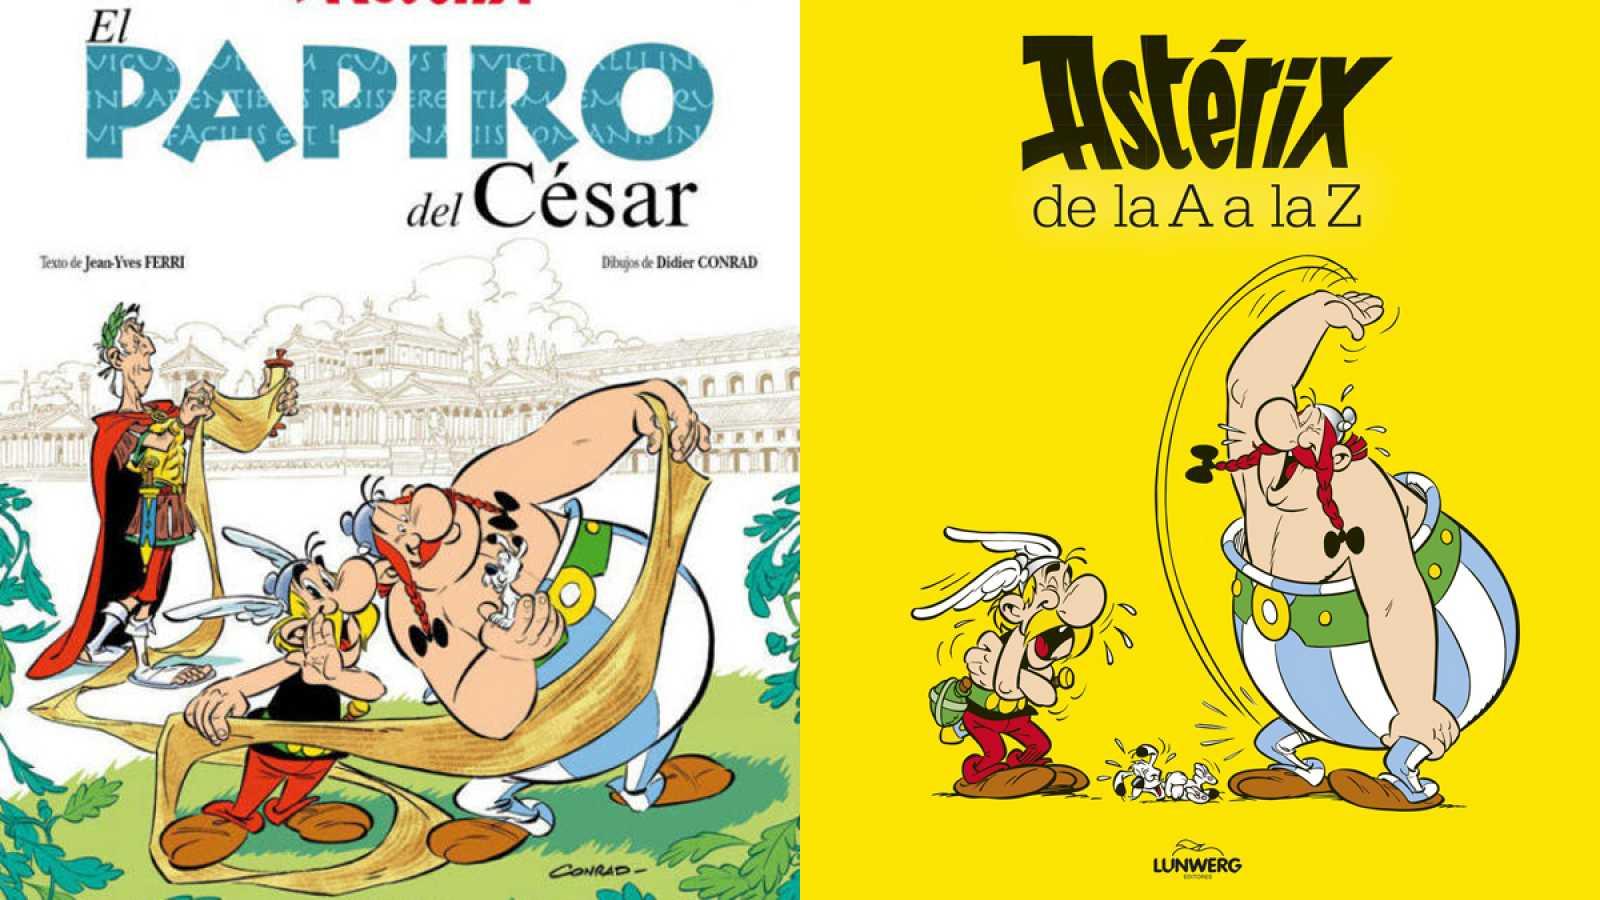 Dos nuevos títulos de Astérix: 'El papiro del César' y 'Astérix de la A a la Z'